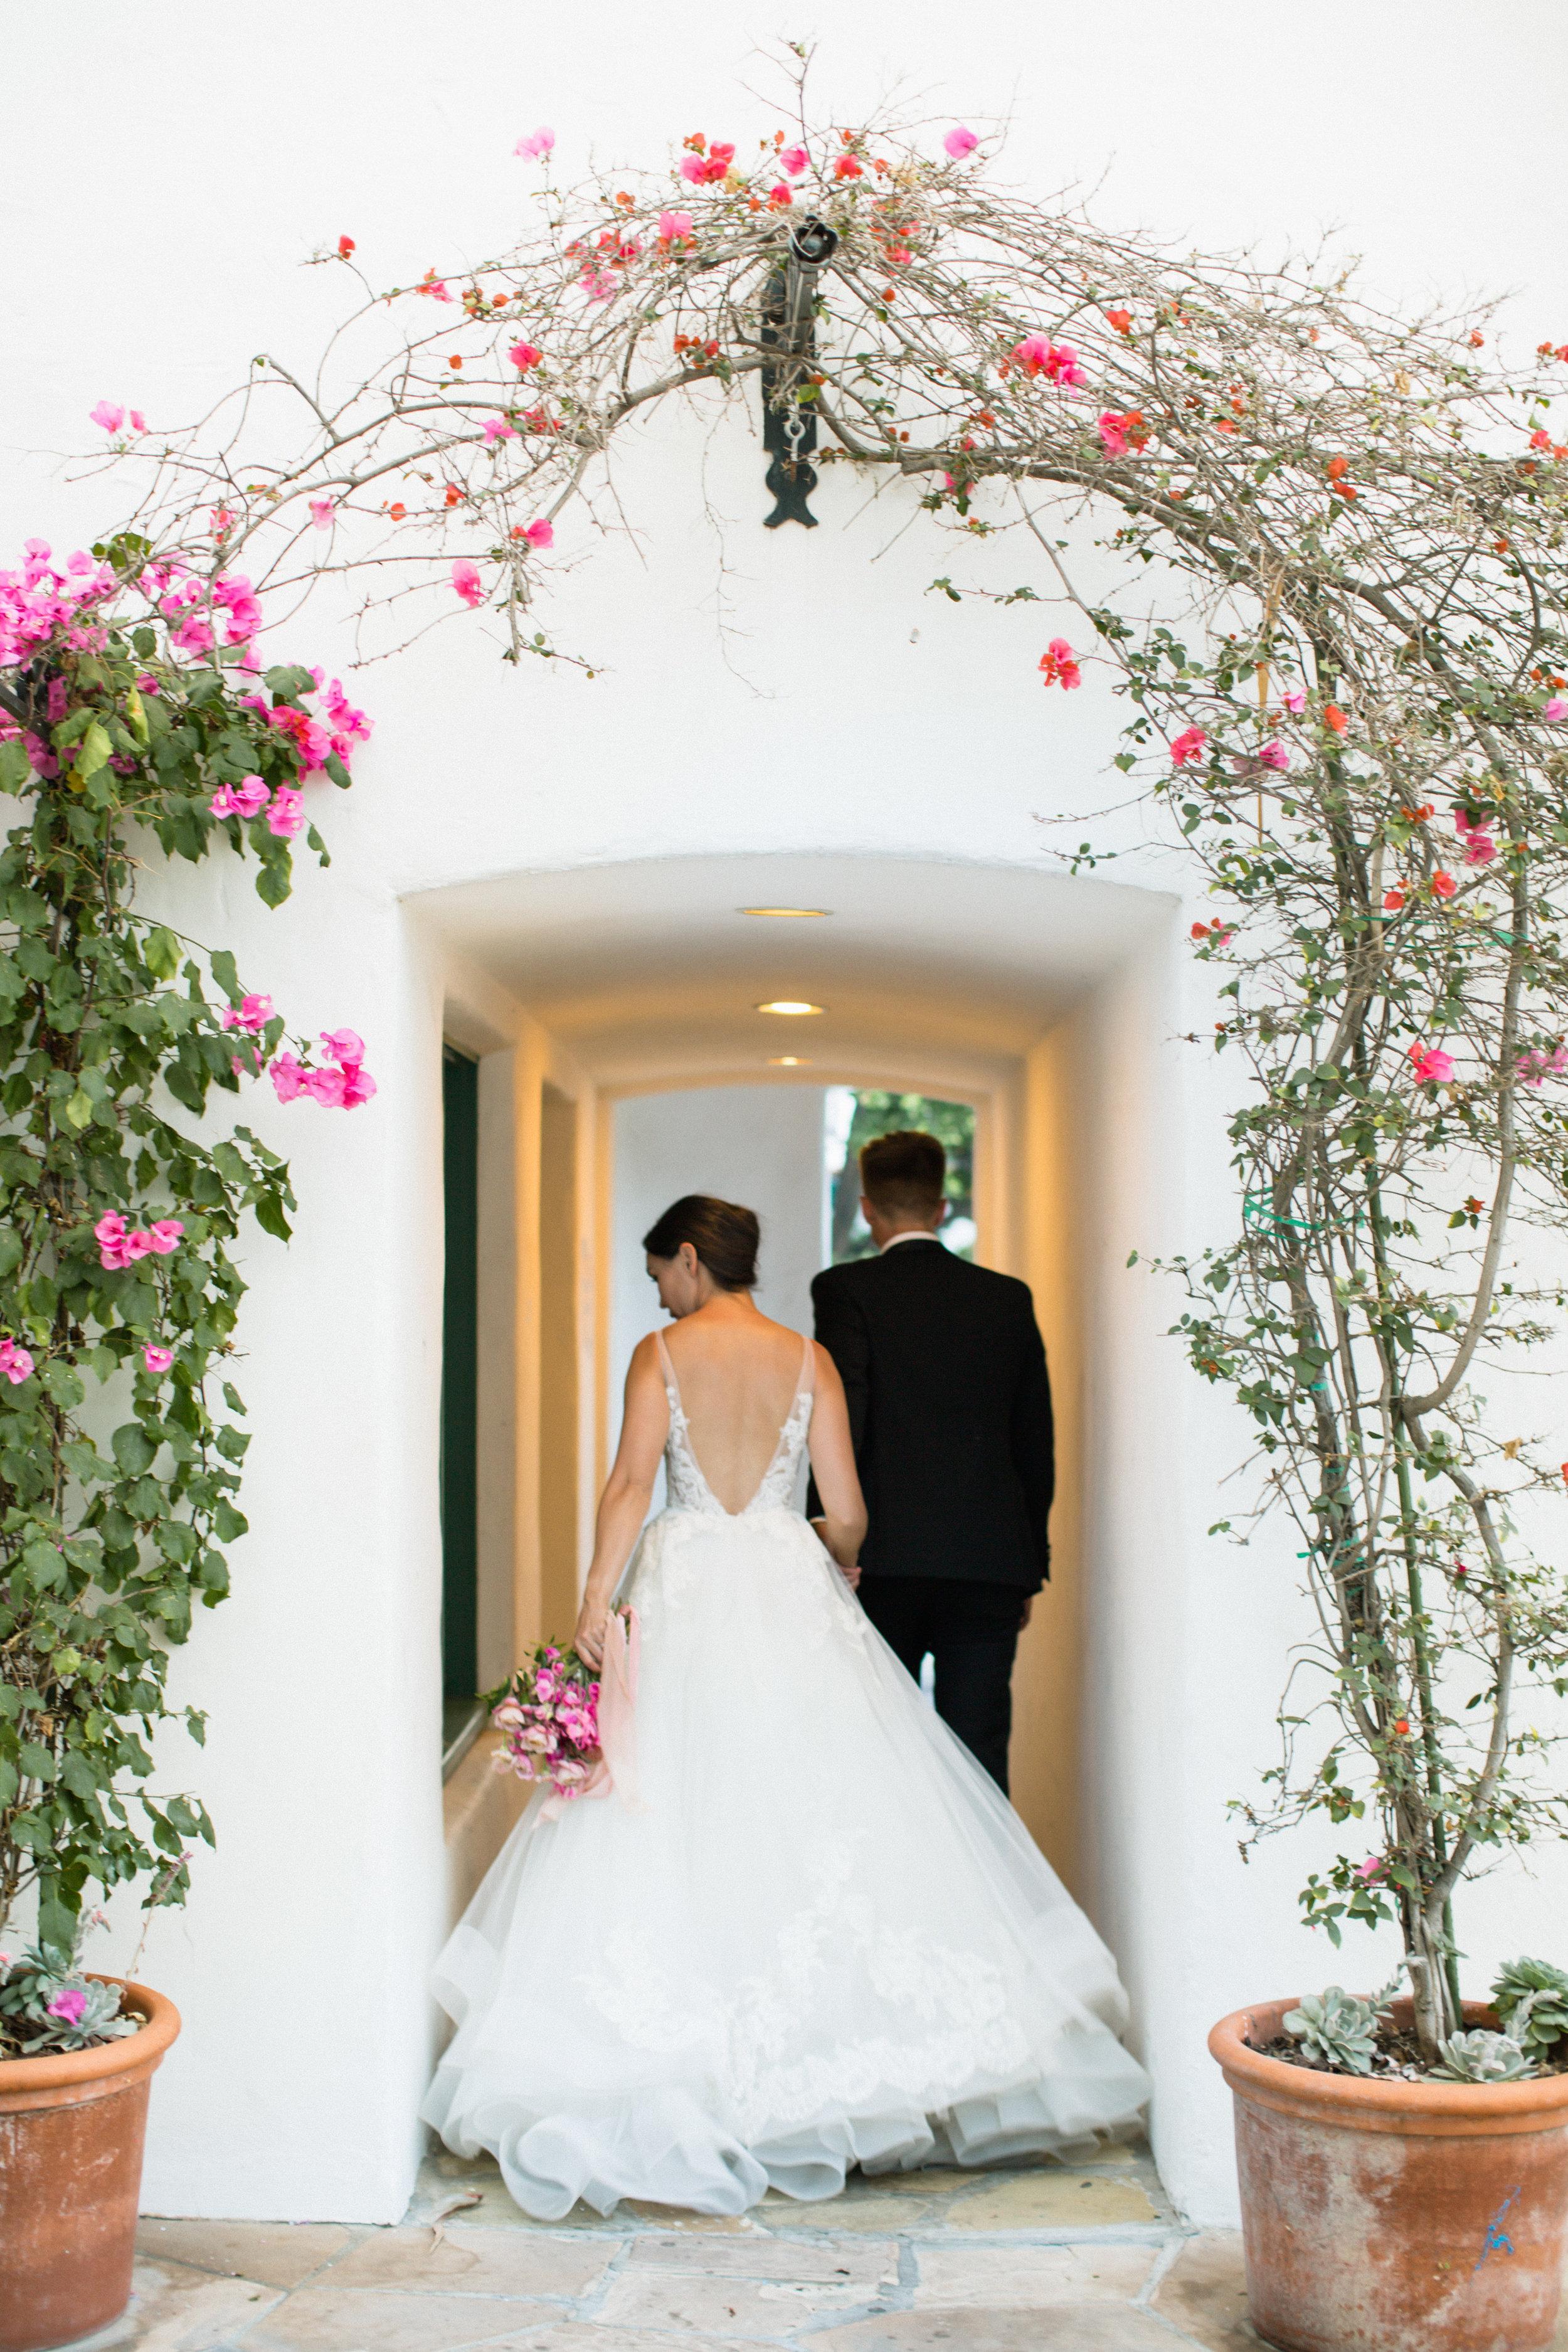 melanie_dylan_wedding_316.JPG